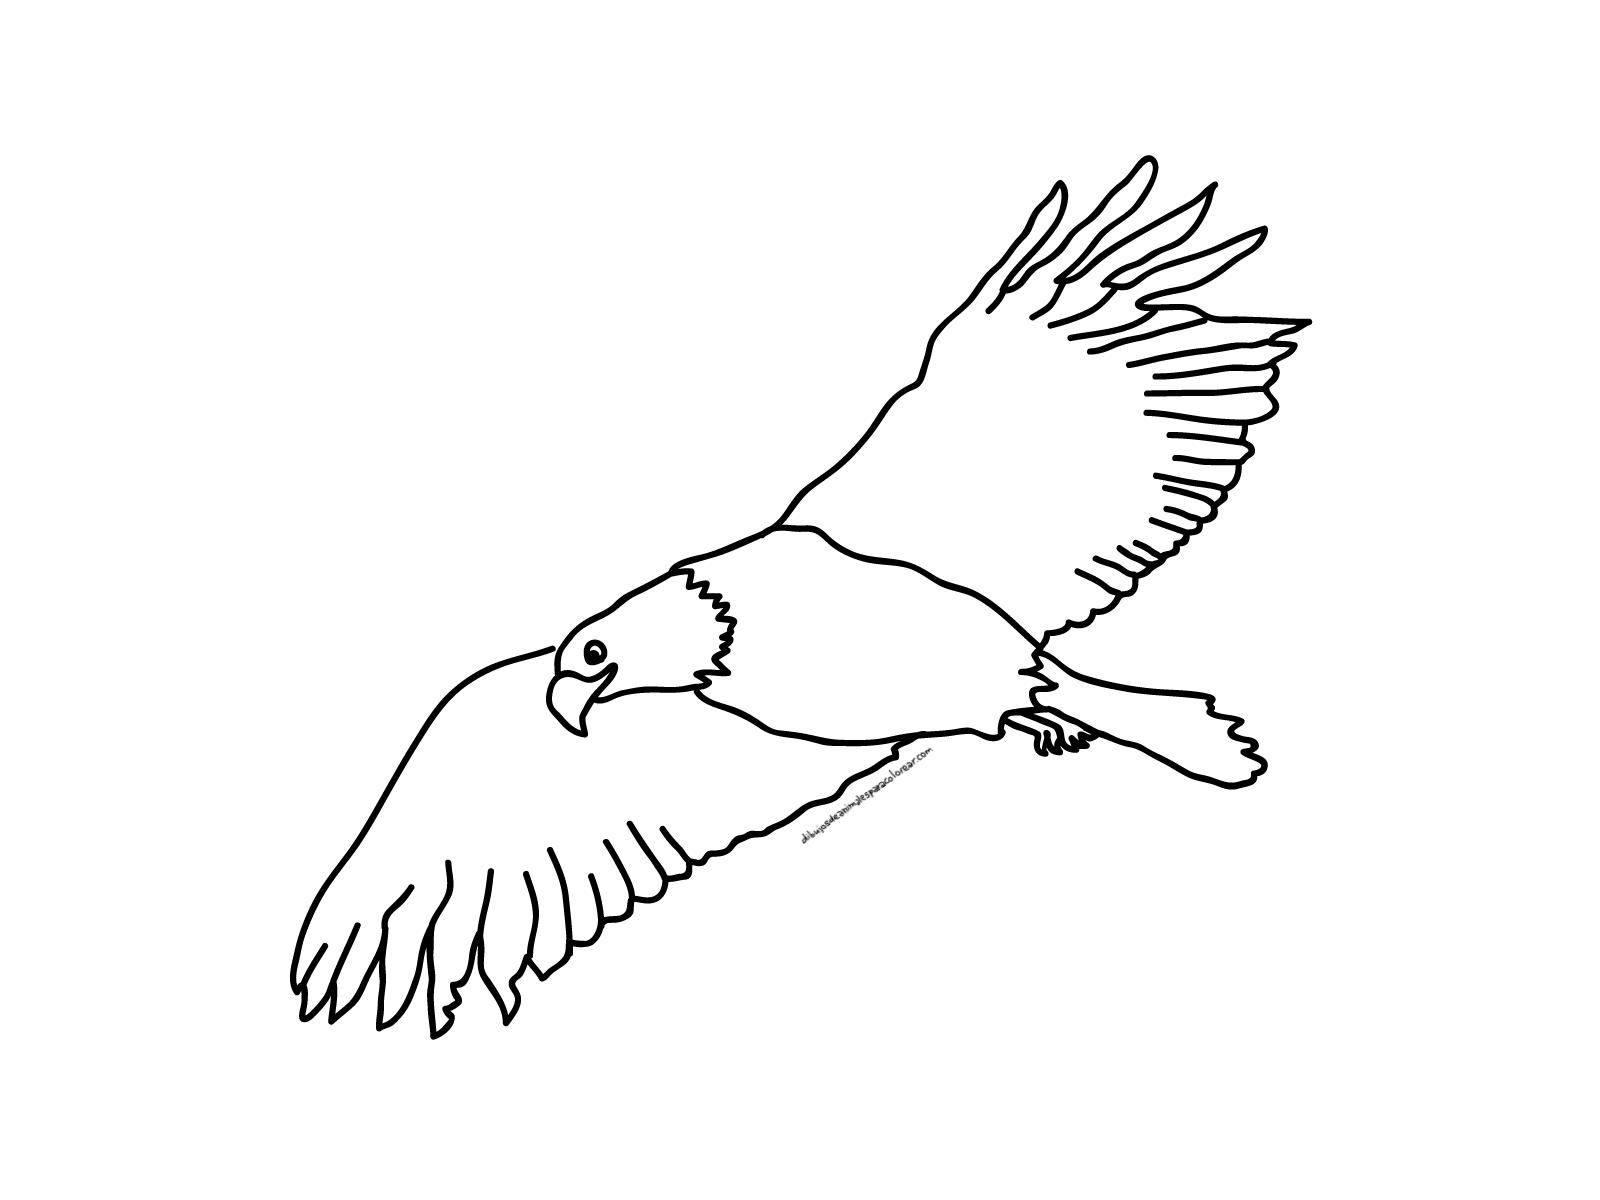 Pin de Abelardo Quiones Sencca en Aprender a dibujar manejar y